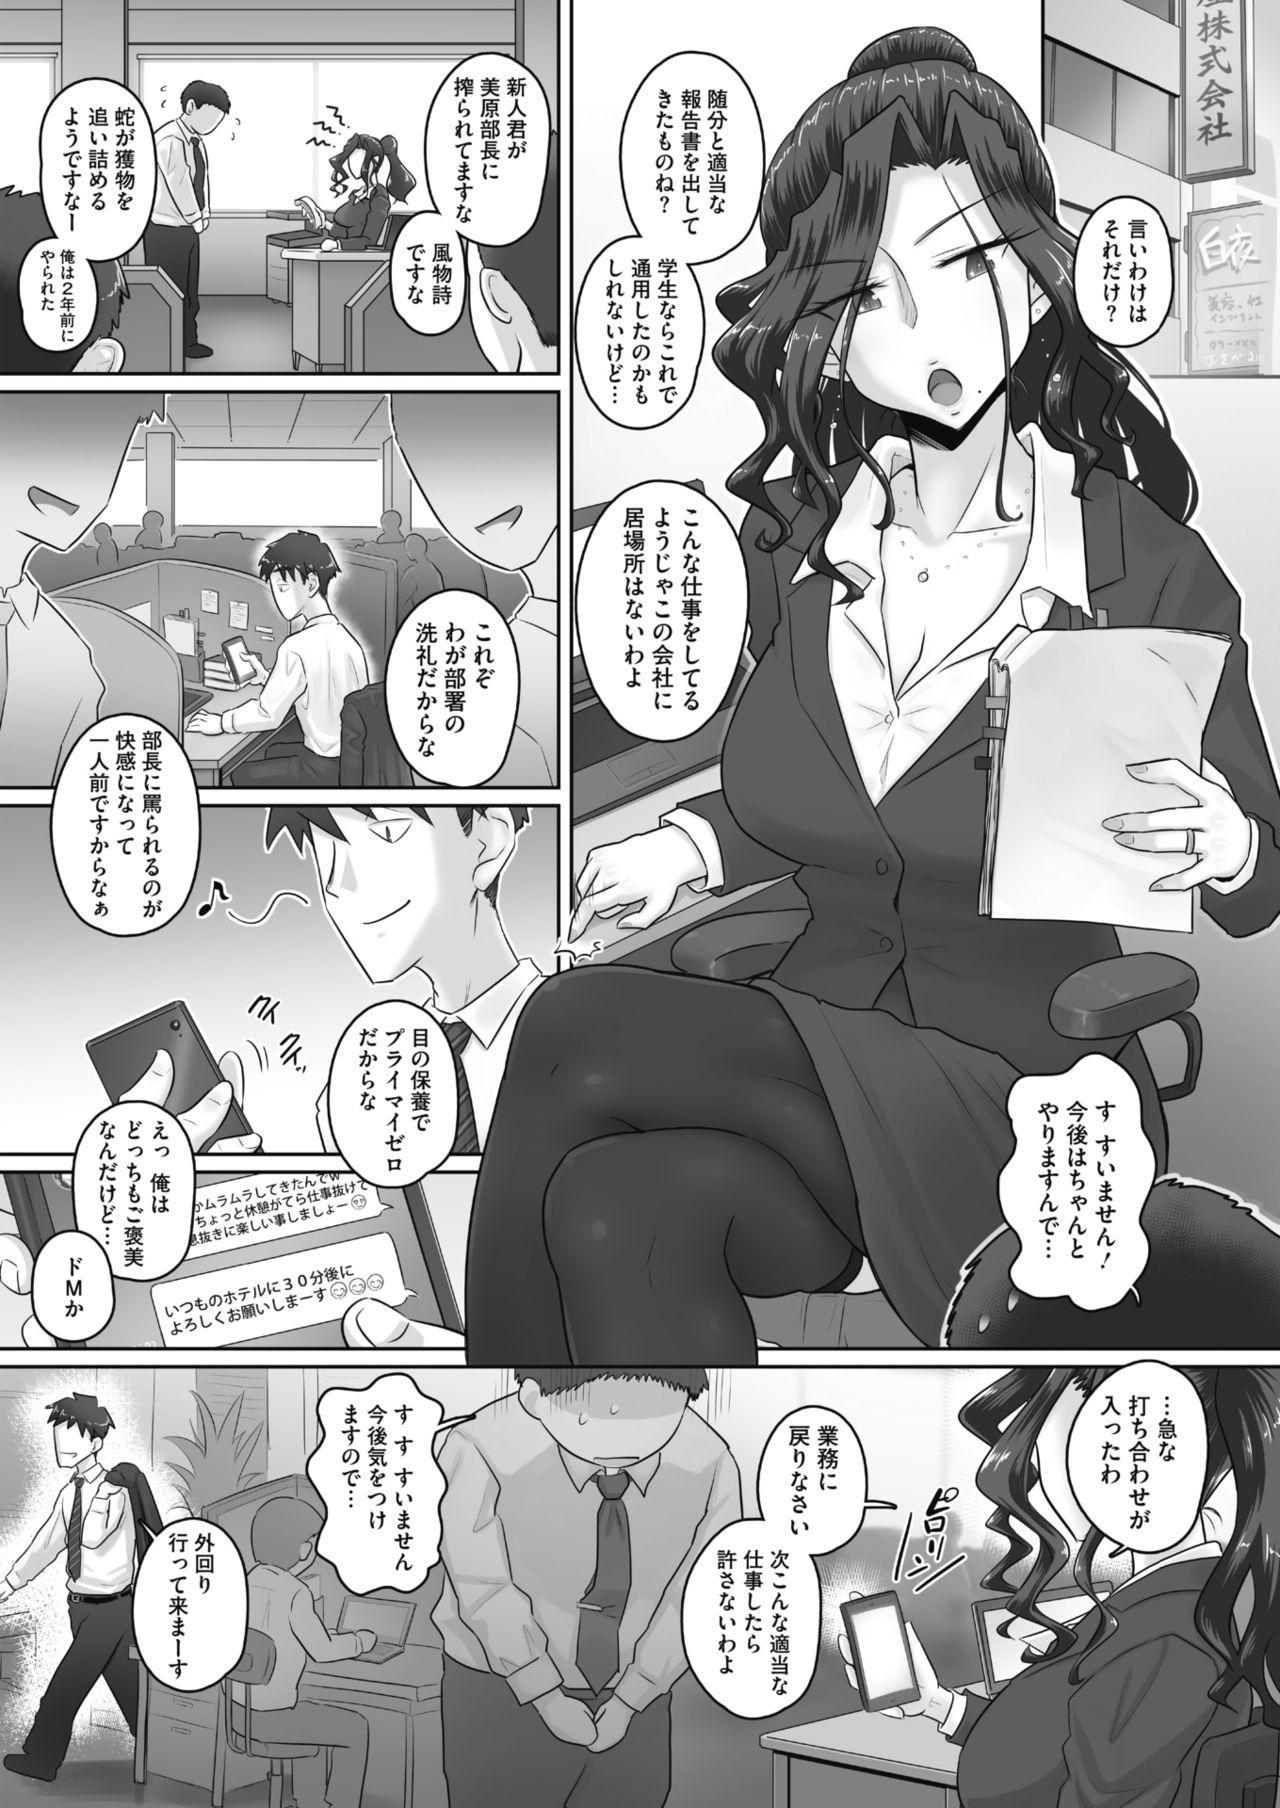 [Urayoroduya (Yoroduya Hyakuhachi)] Ki no Tsuyoi Onna Joushi (31-sai Hitozuma) Matome 8